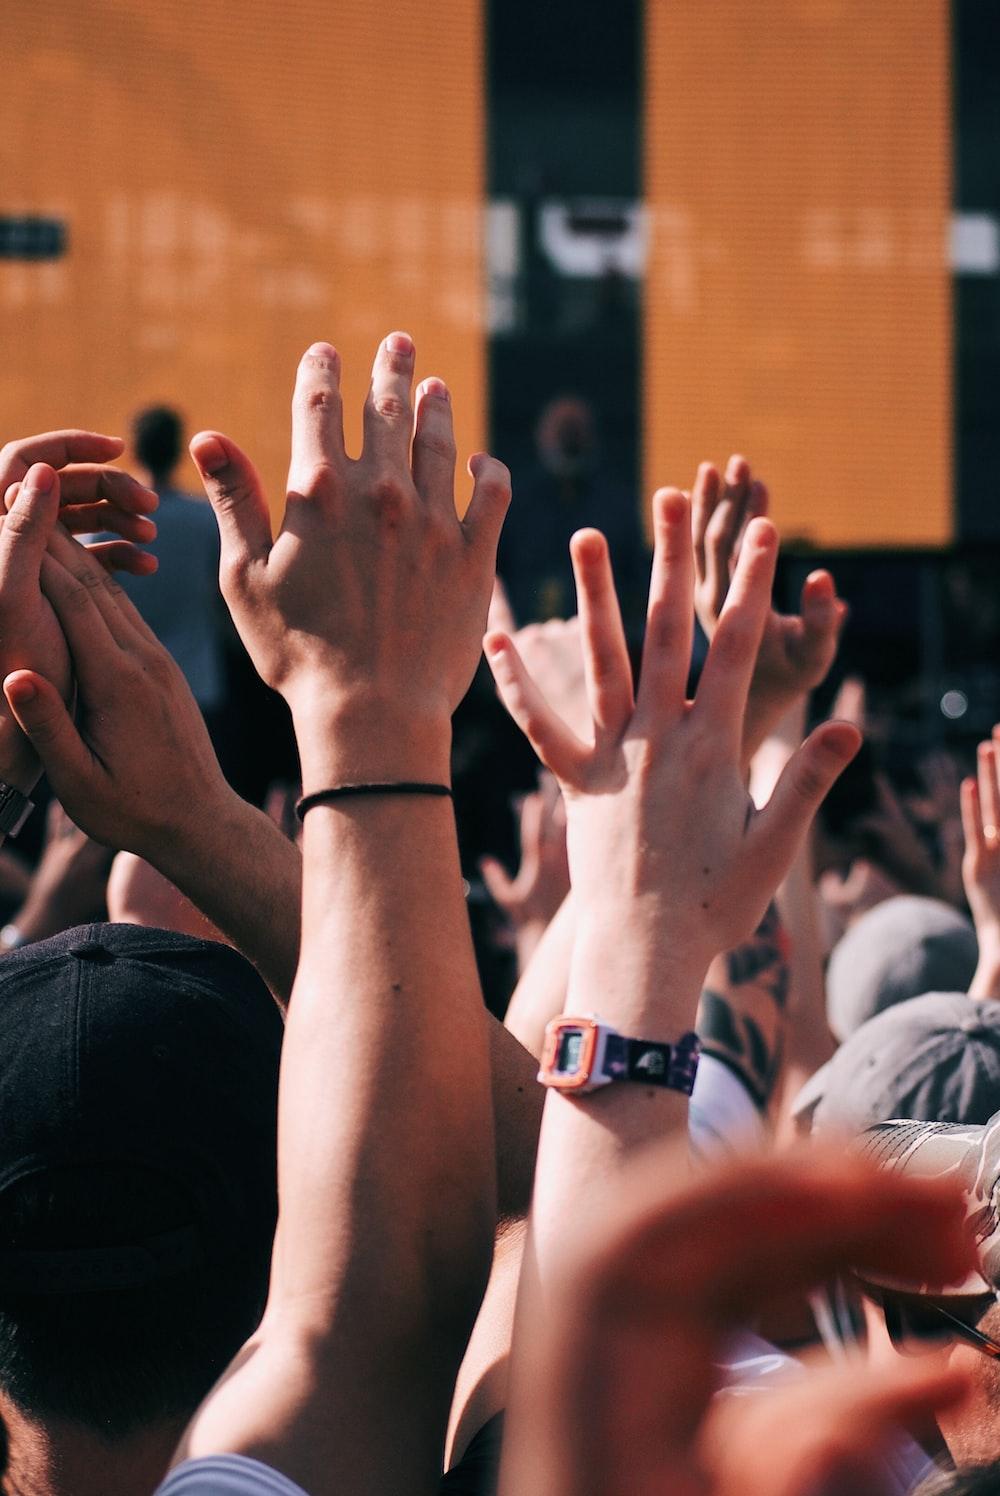 crown of people raising hands